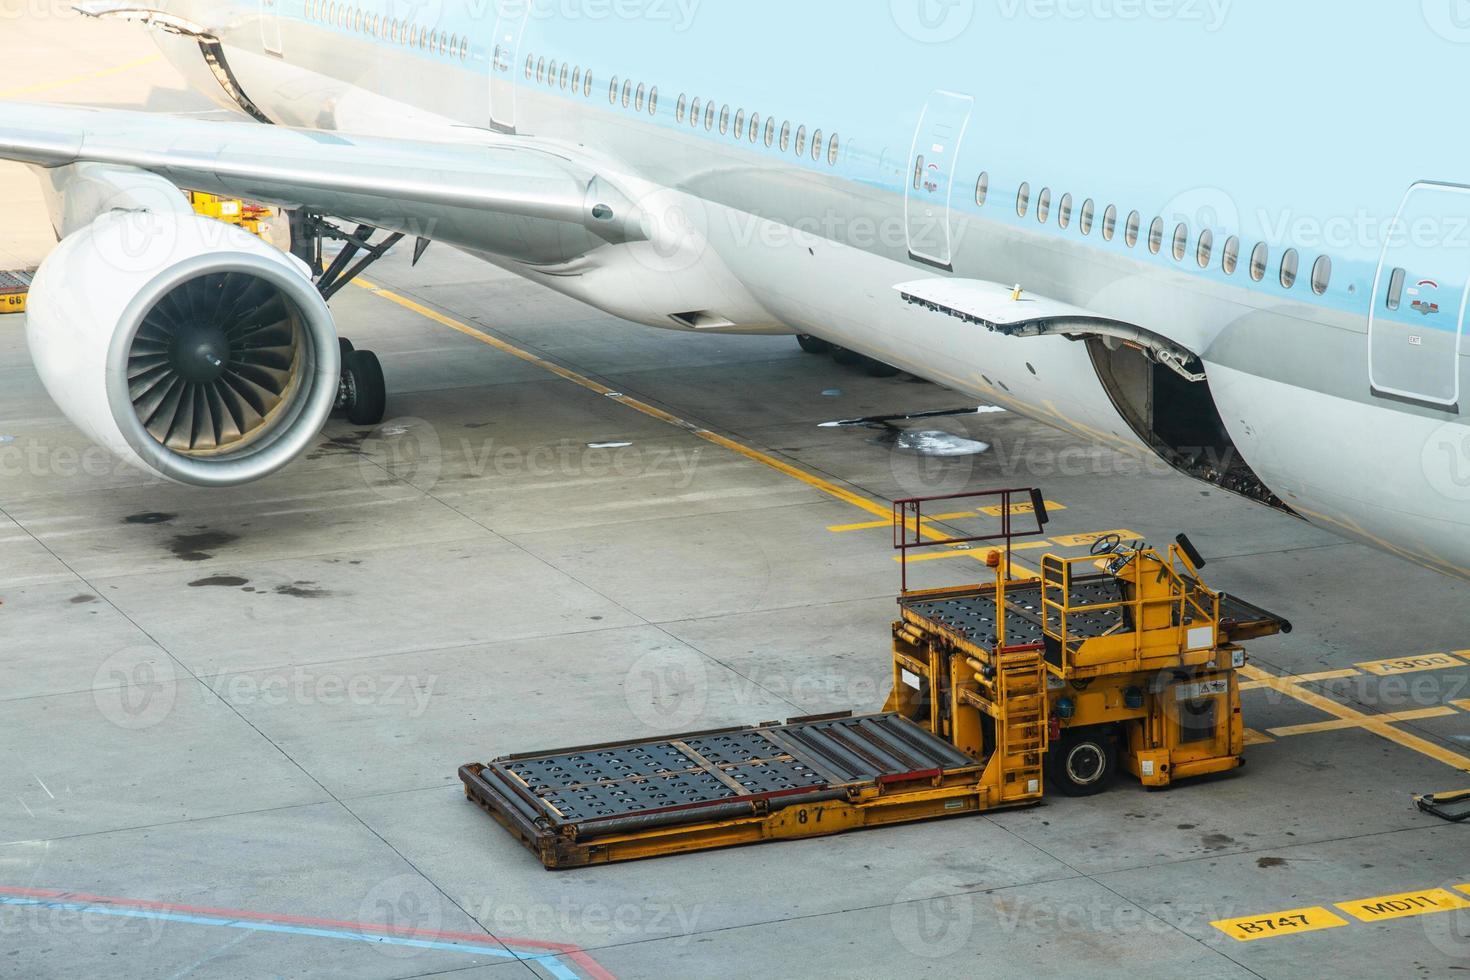 camion e aerei. foto